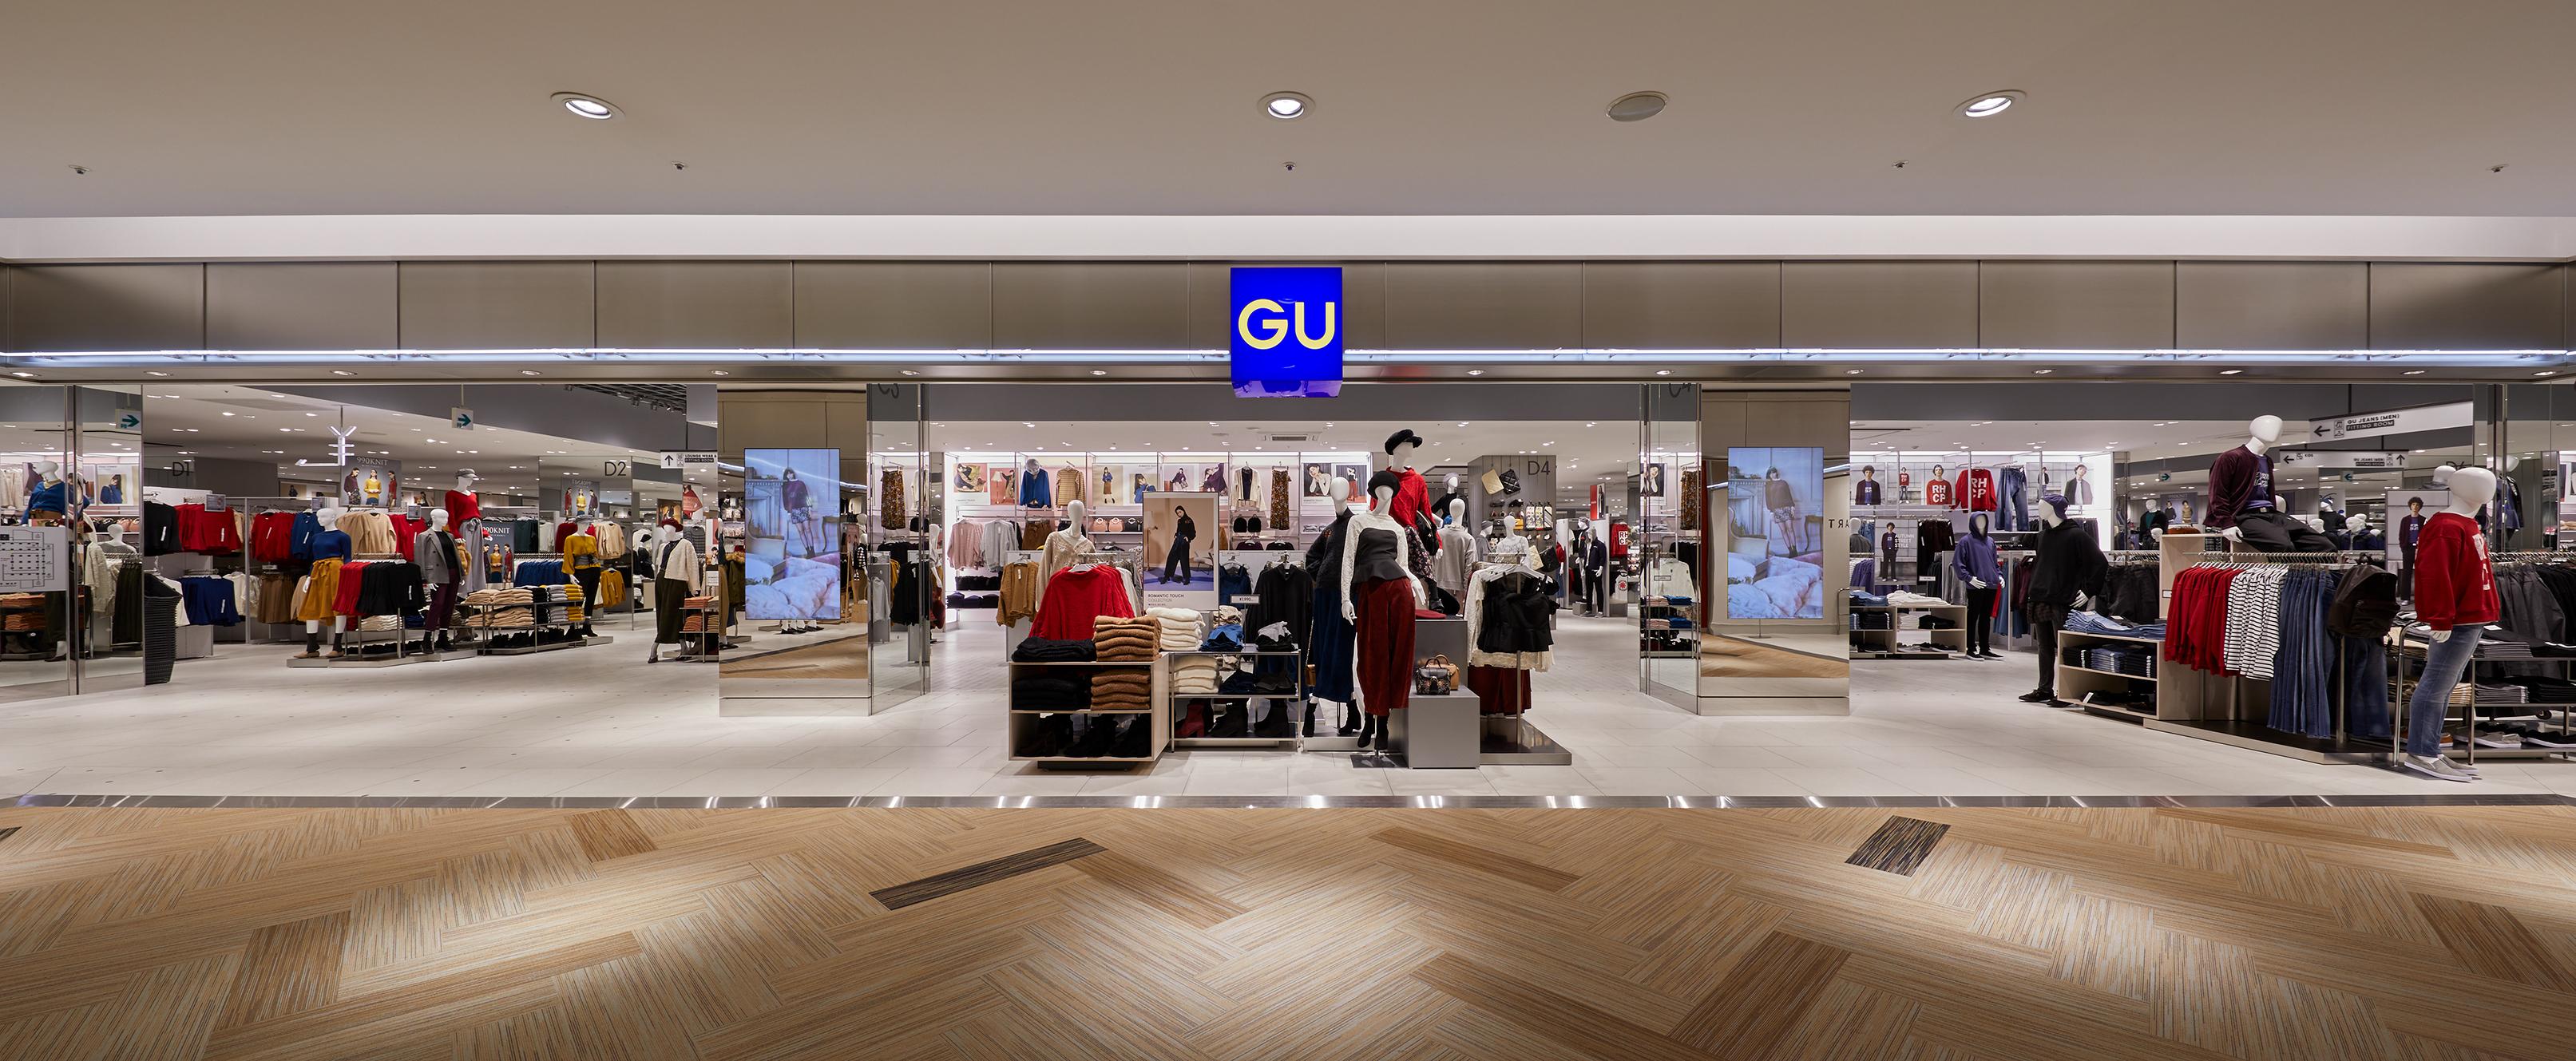 ジーユー (GU) - ショップ・店舗・取り扱い ...